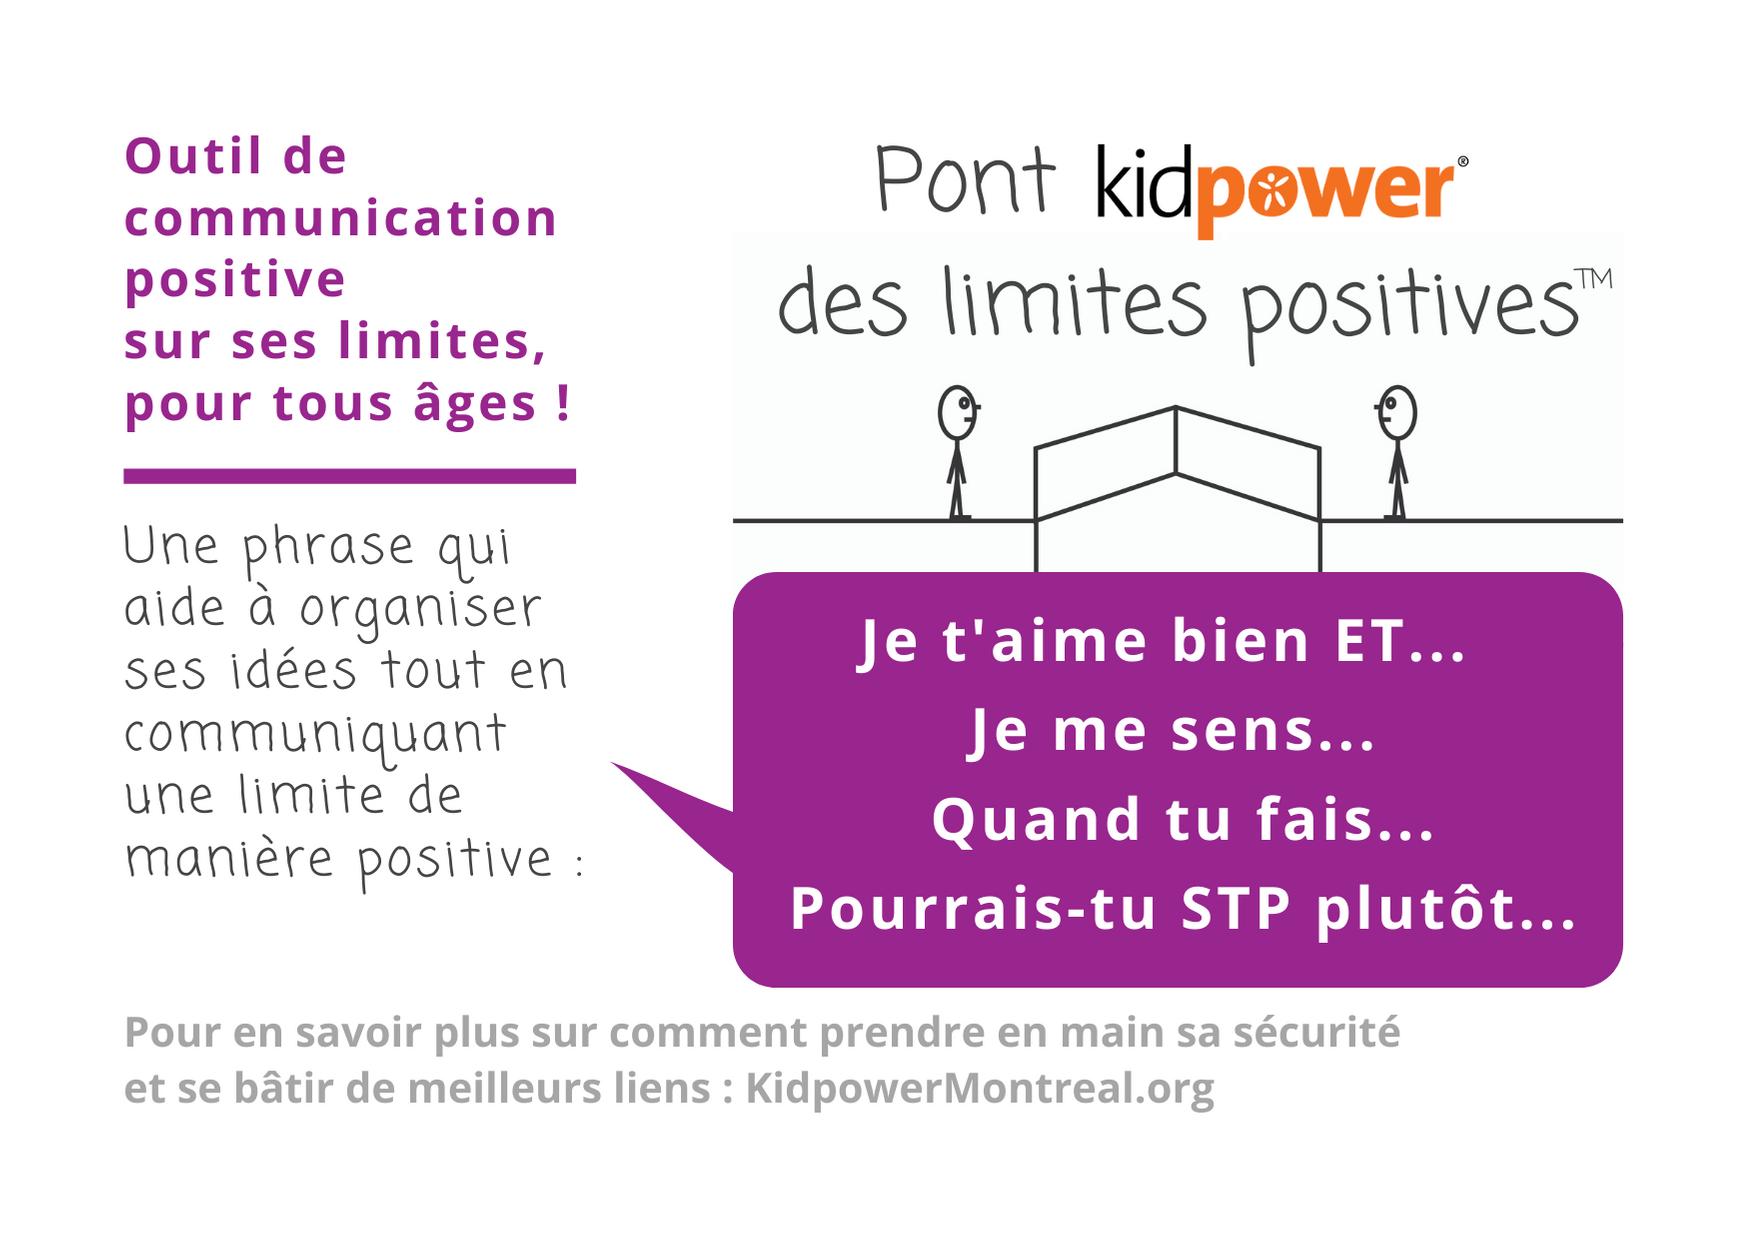 Affiche : Pont Kidpower des limites positives